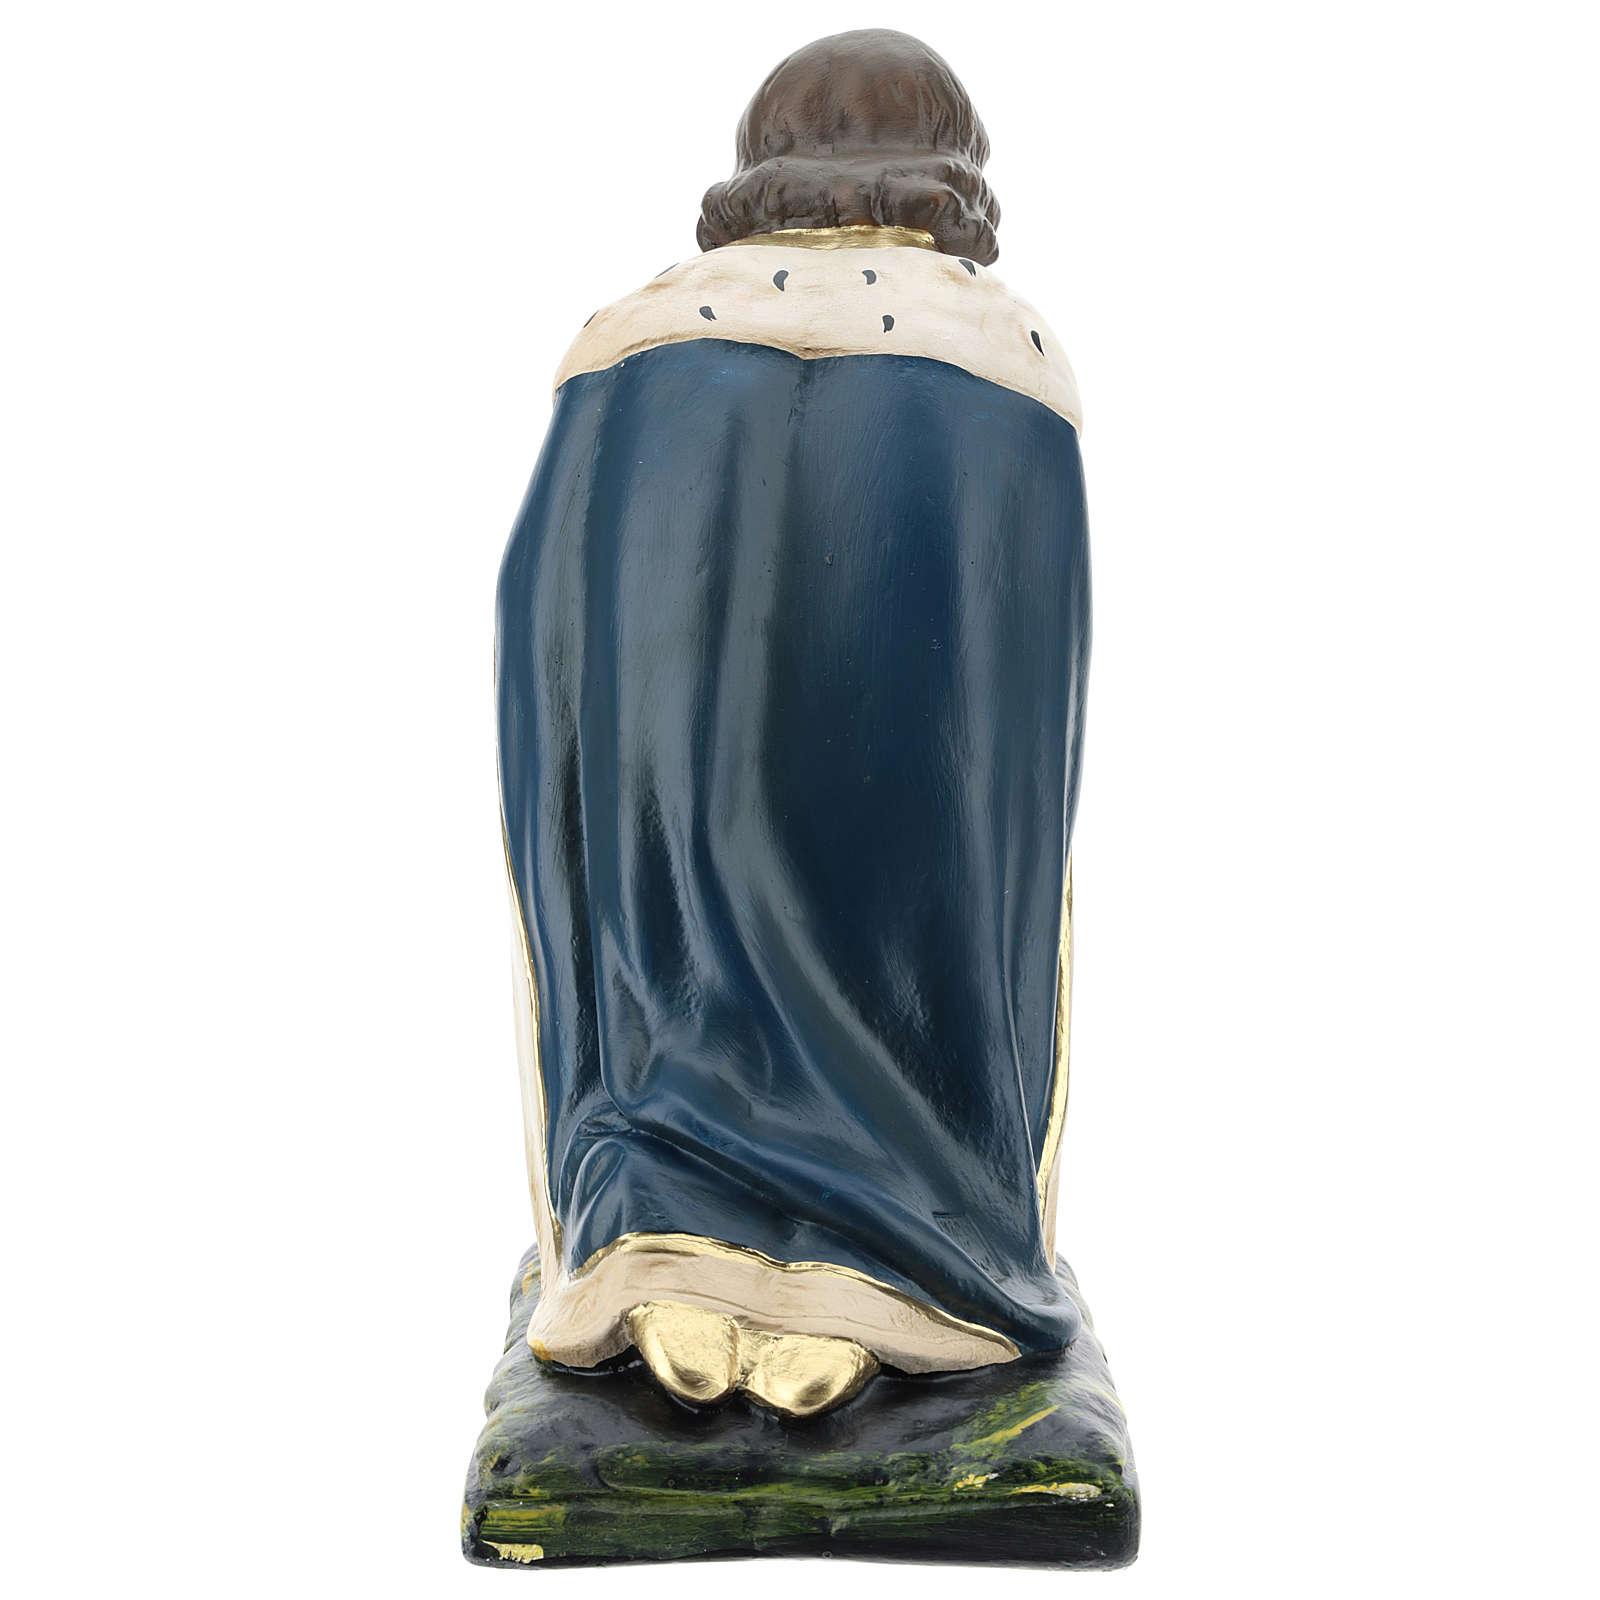 Magio bianco Melchiorre in ginocchio presepe 40 cm Arte Barsanti 4